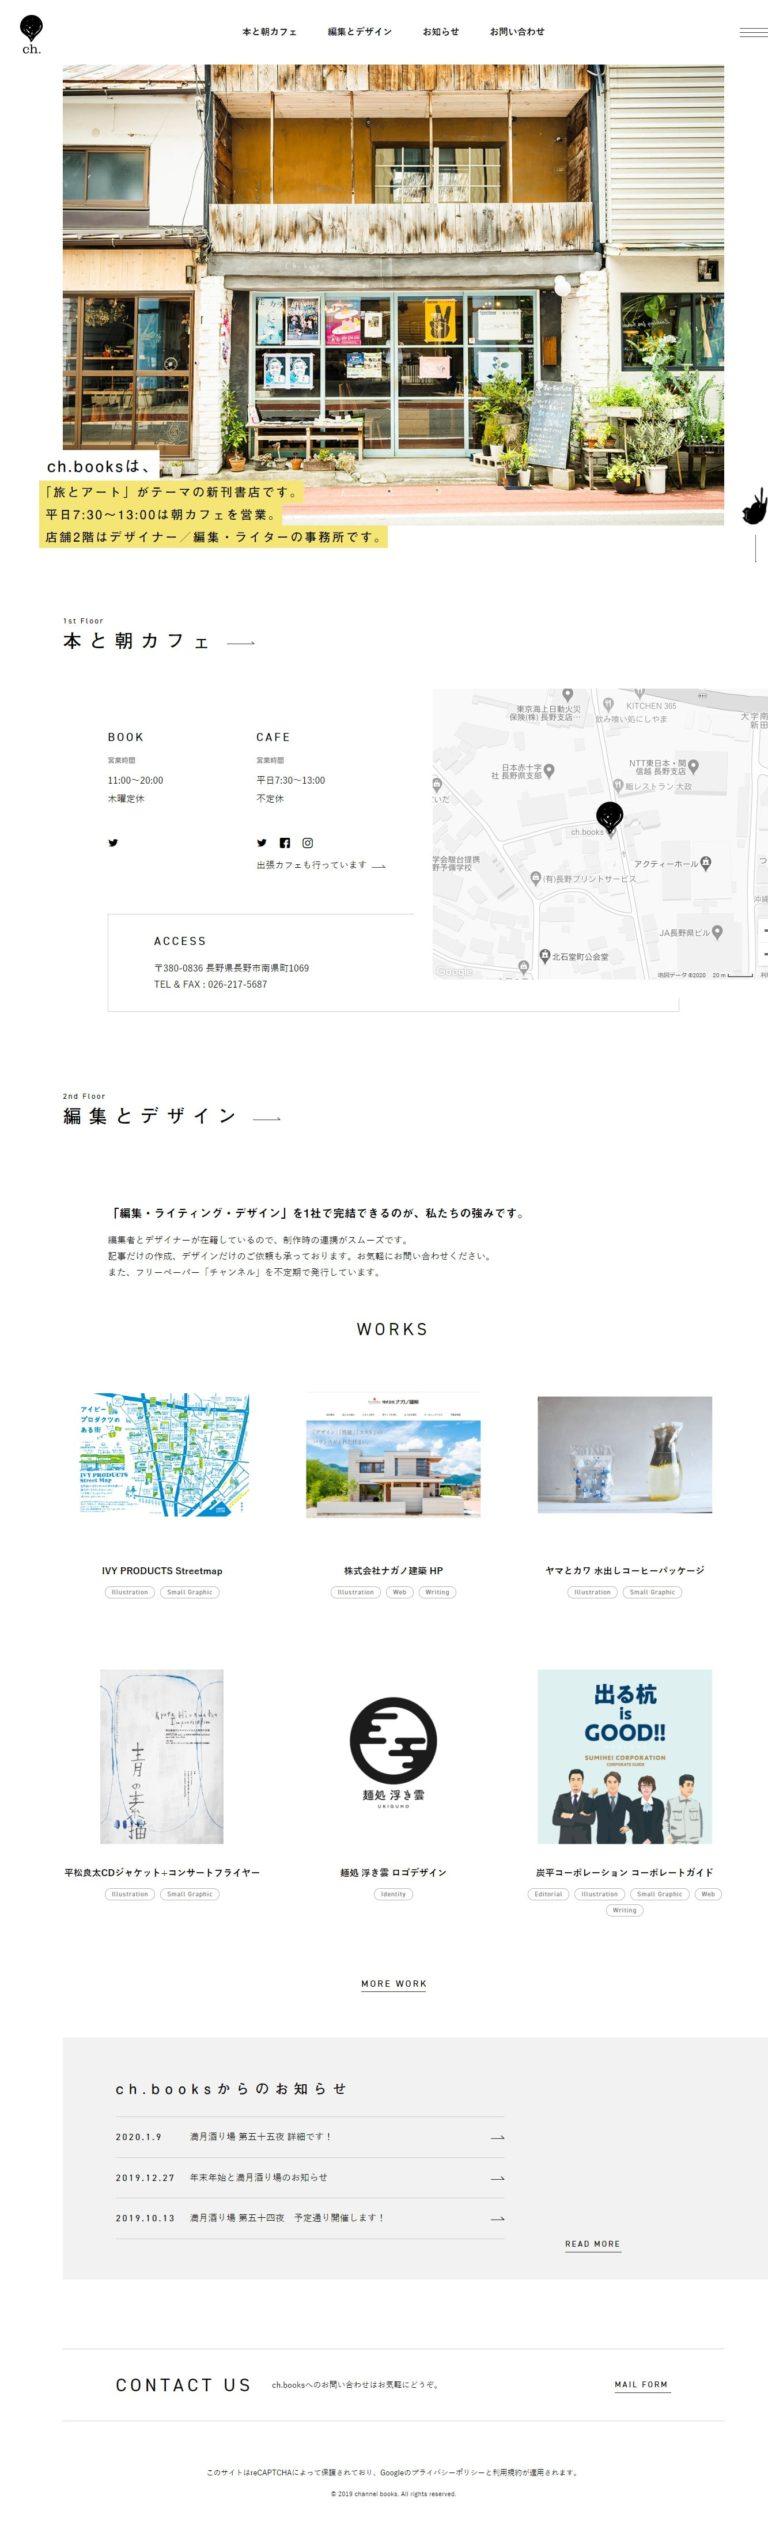 ch.books | 「旅とアート」がテーマの新刊書店 | 長野市